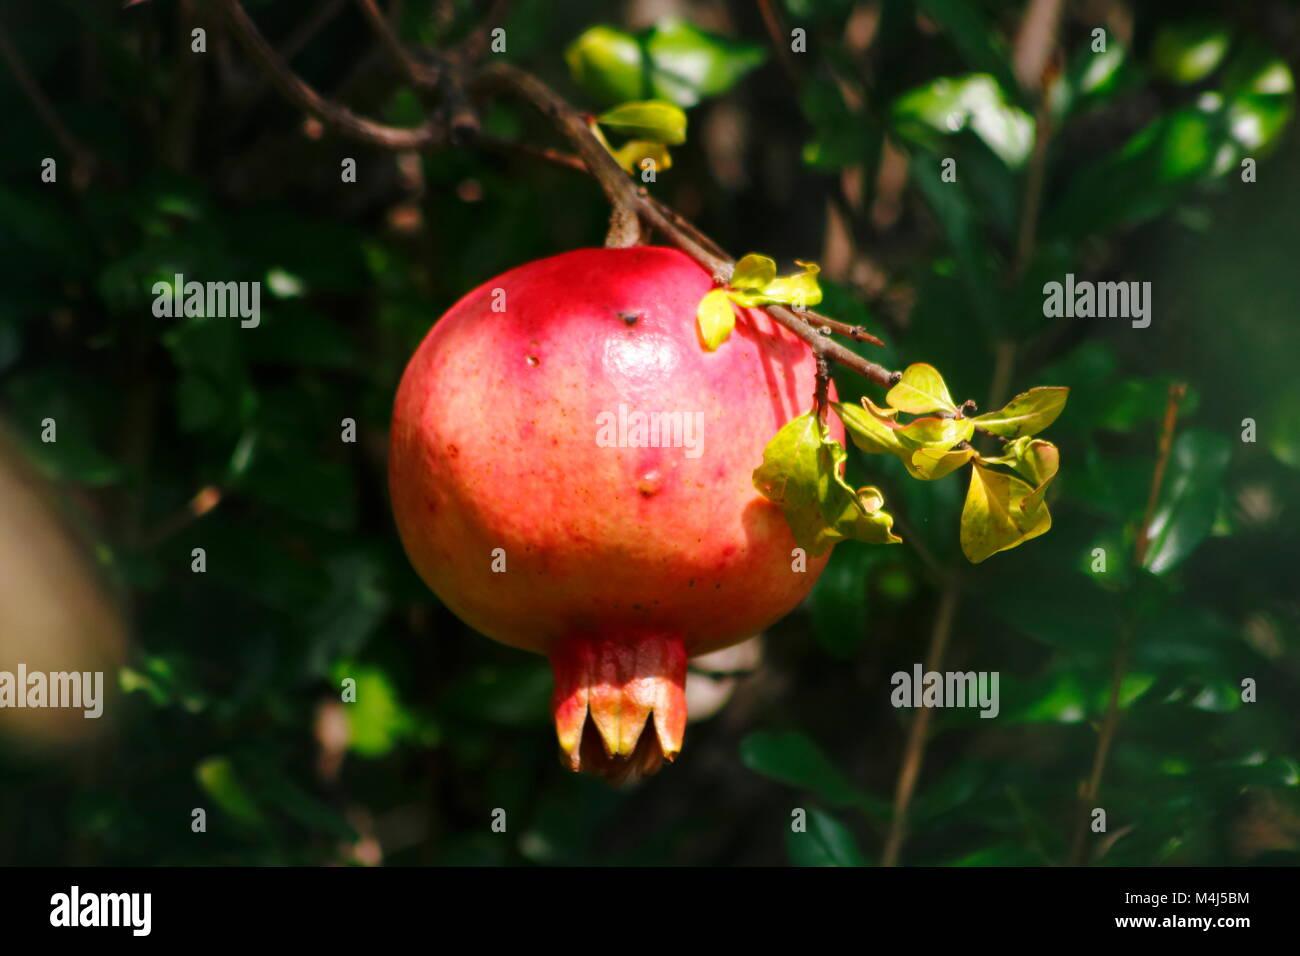 Rote Granatapfel Frucht hängt am Baum, Granatapfelbaum - Stock Image